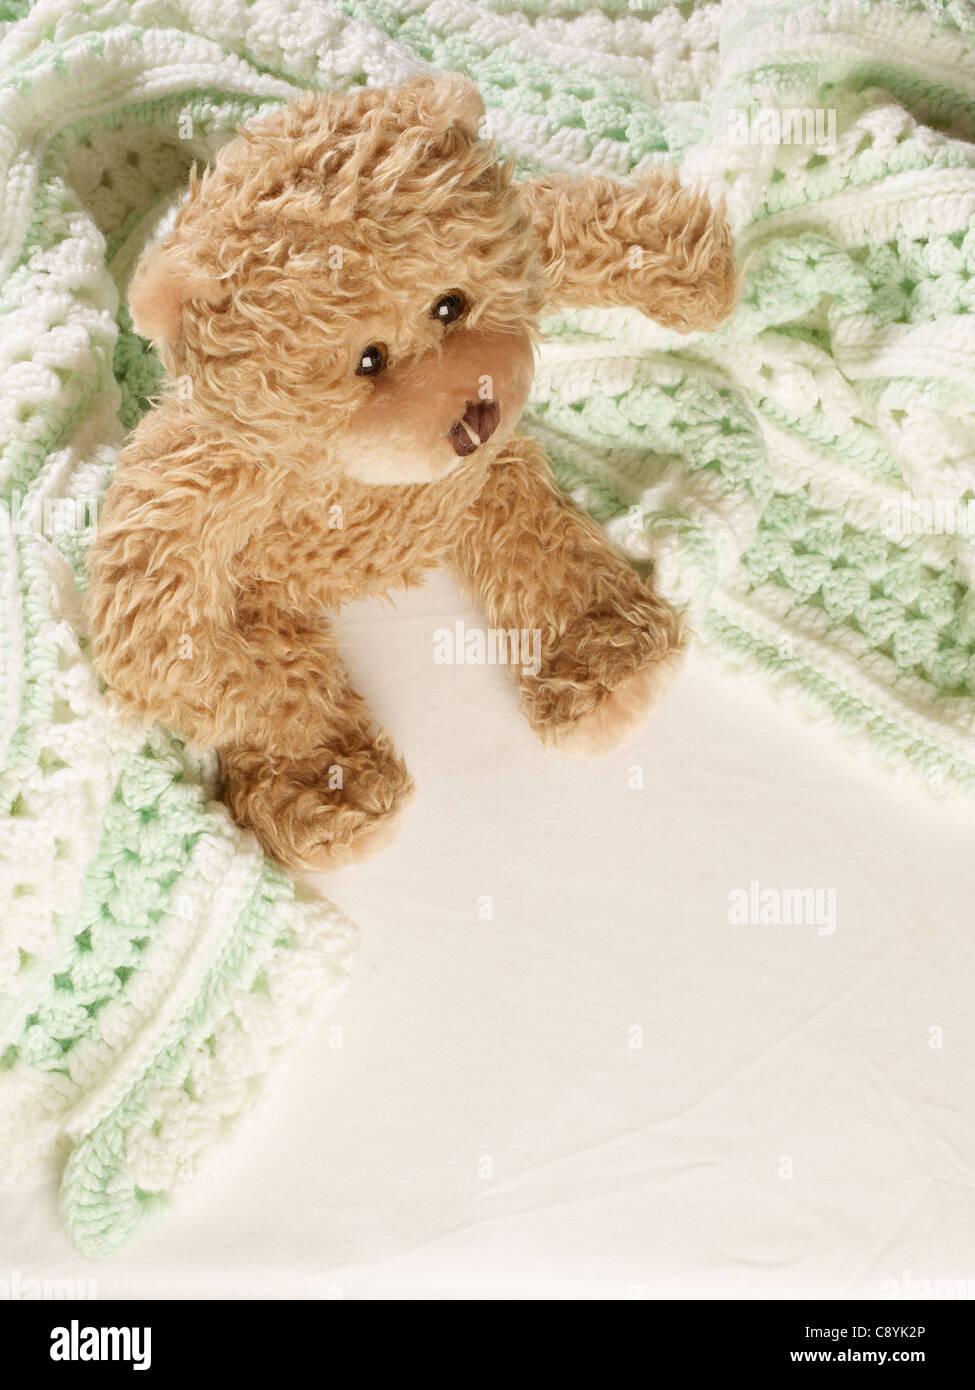 Stuffed animal - Stock Image